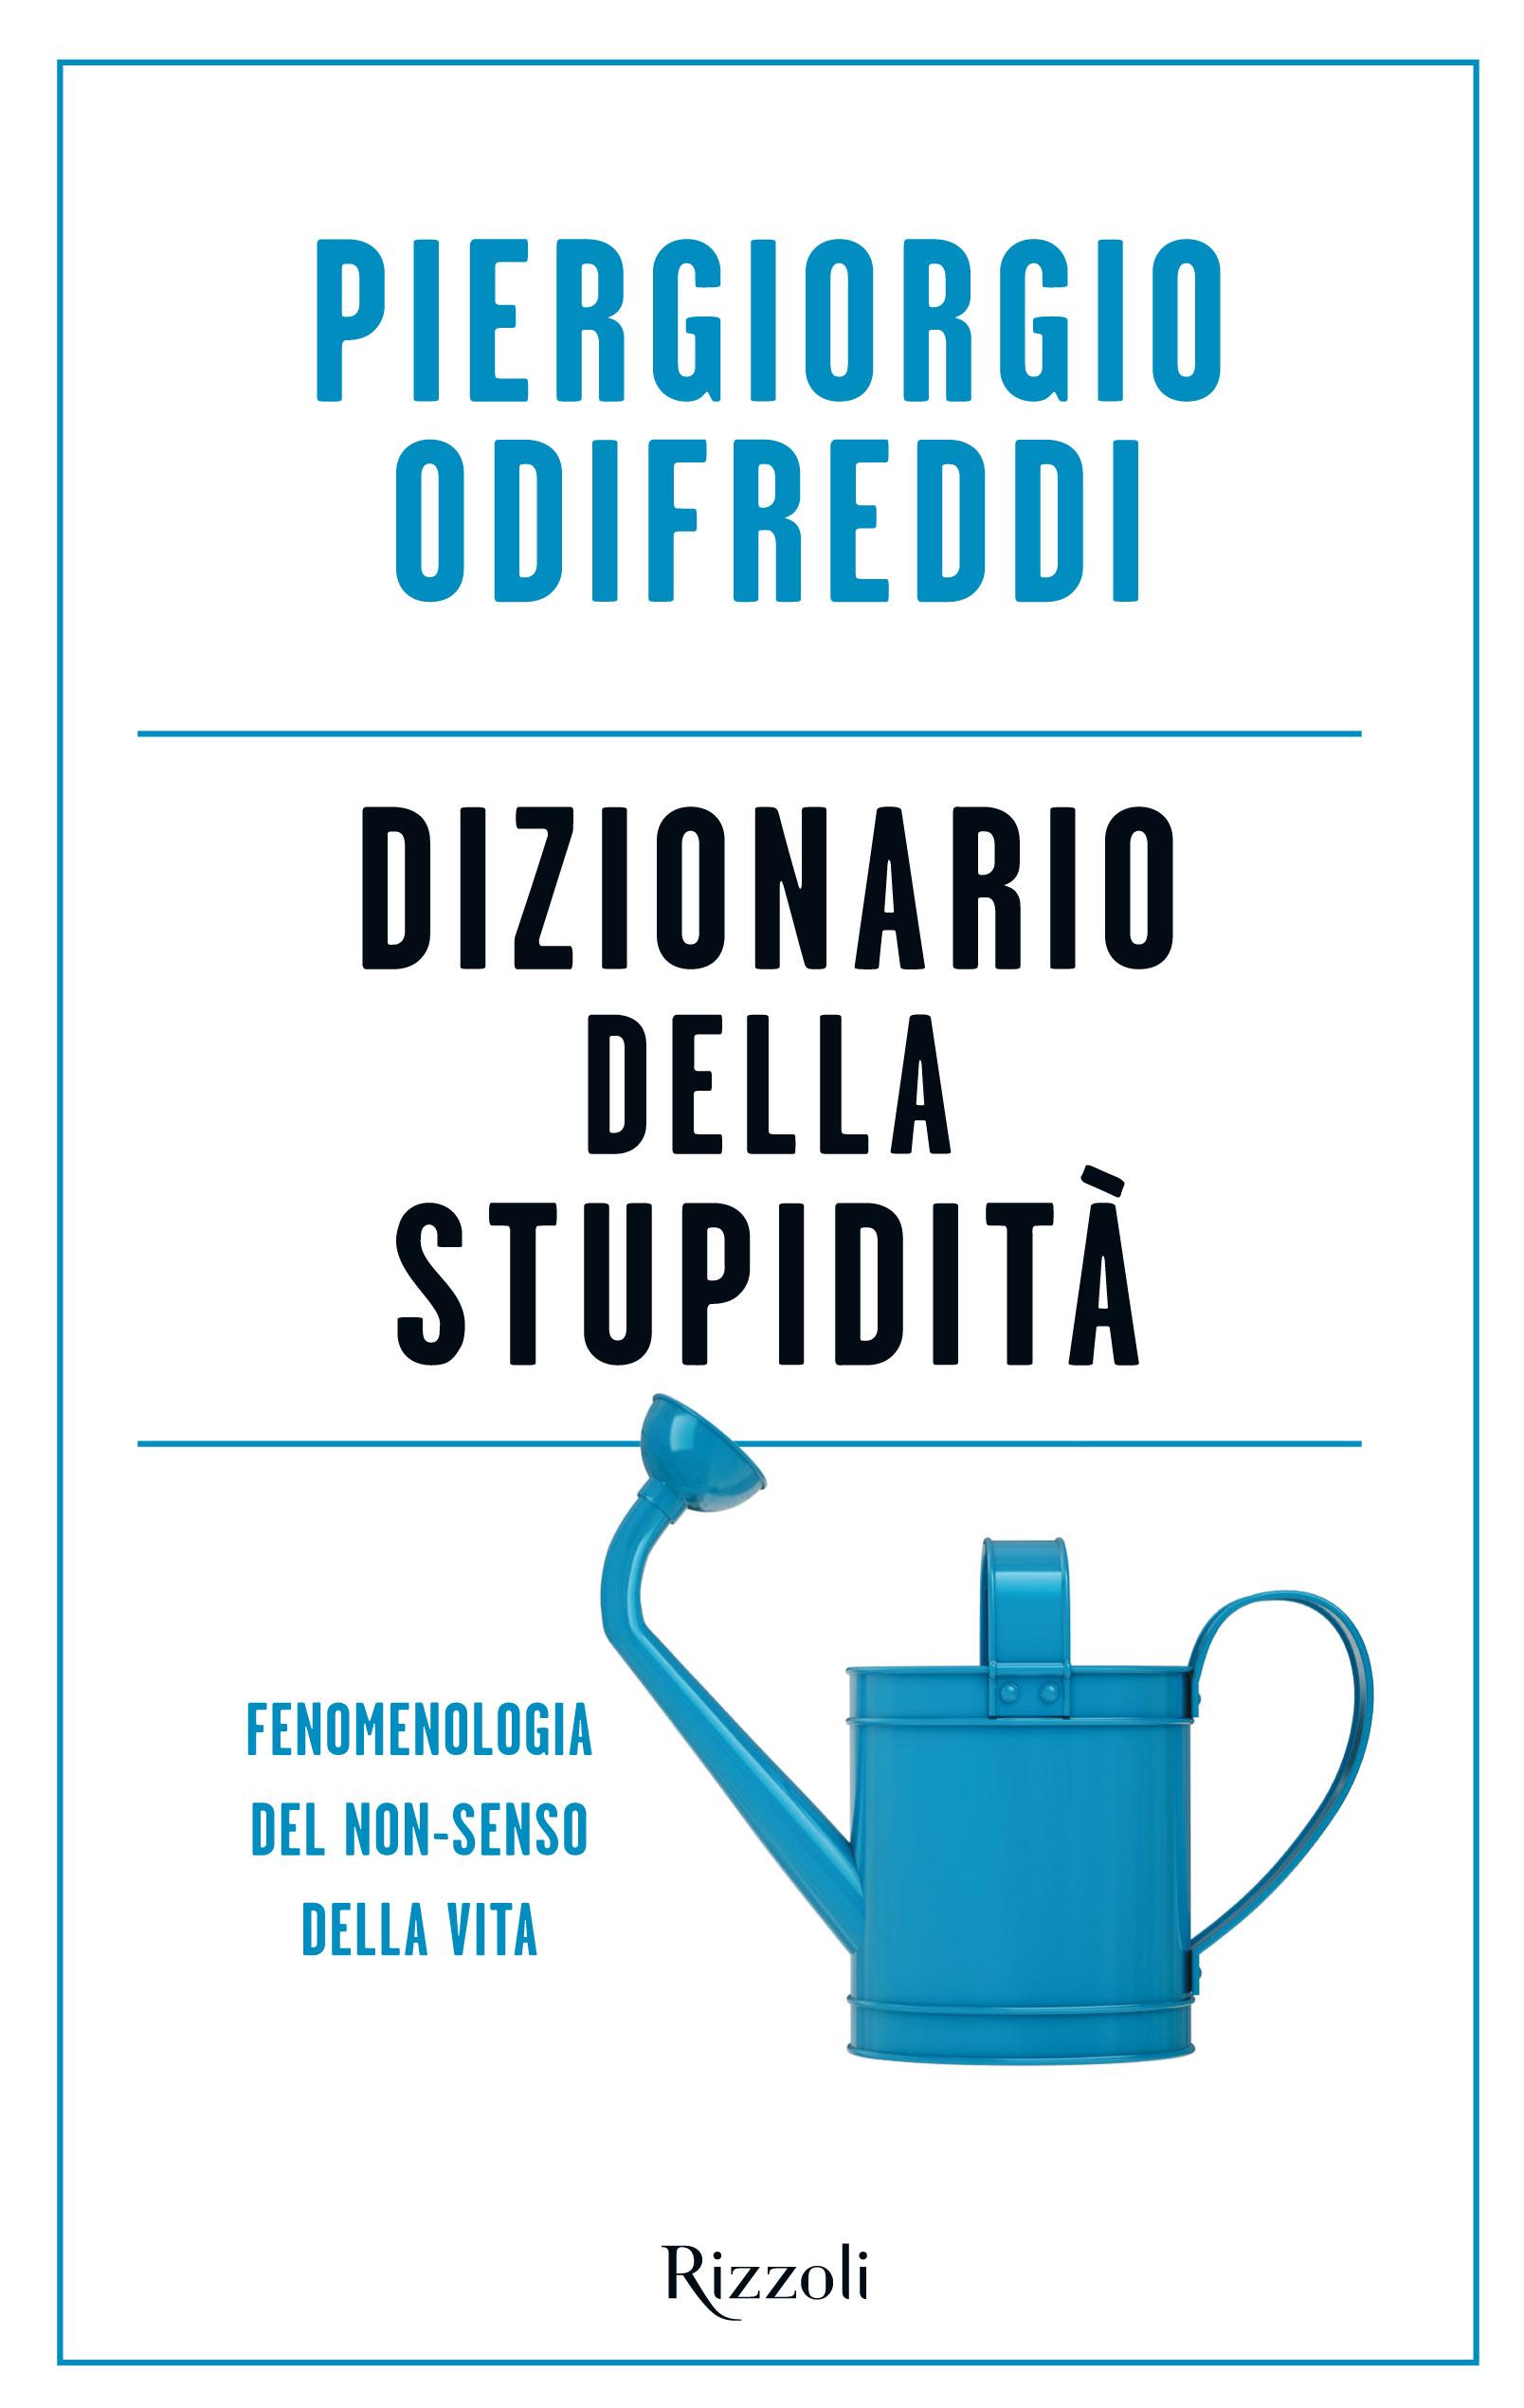 Dizionario della stupidità (2016)